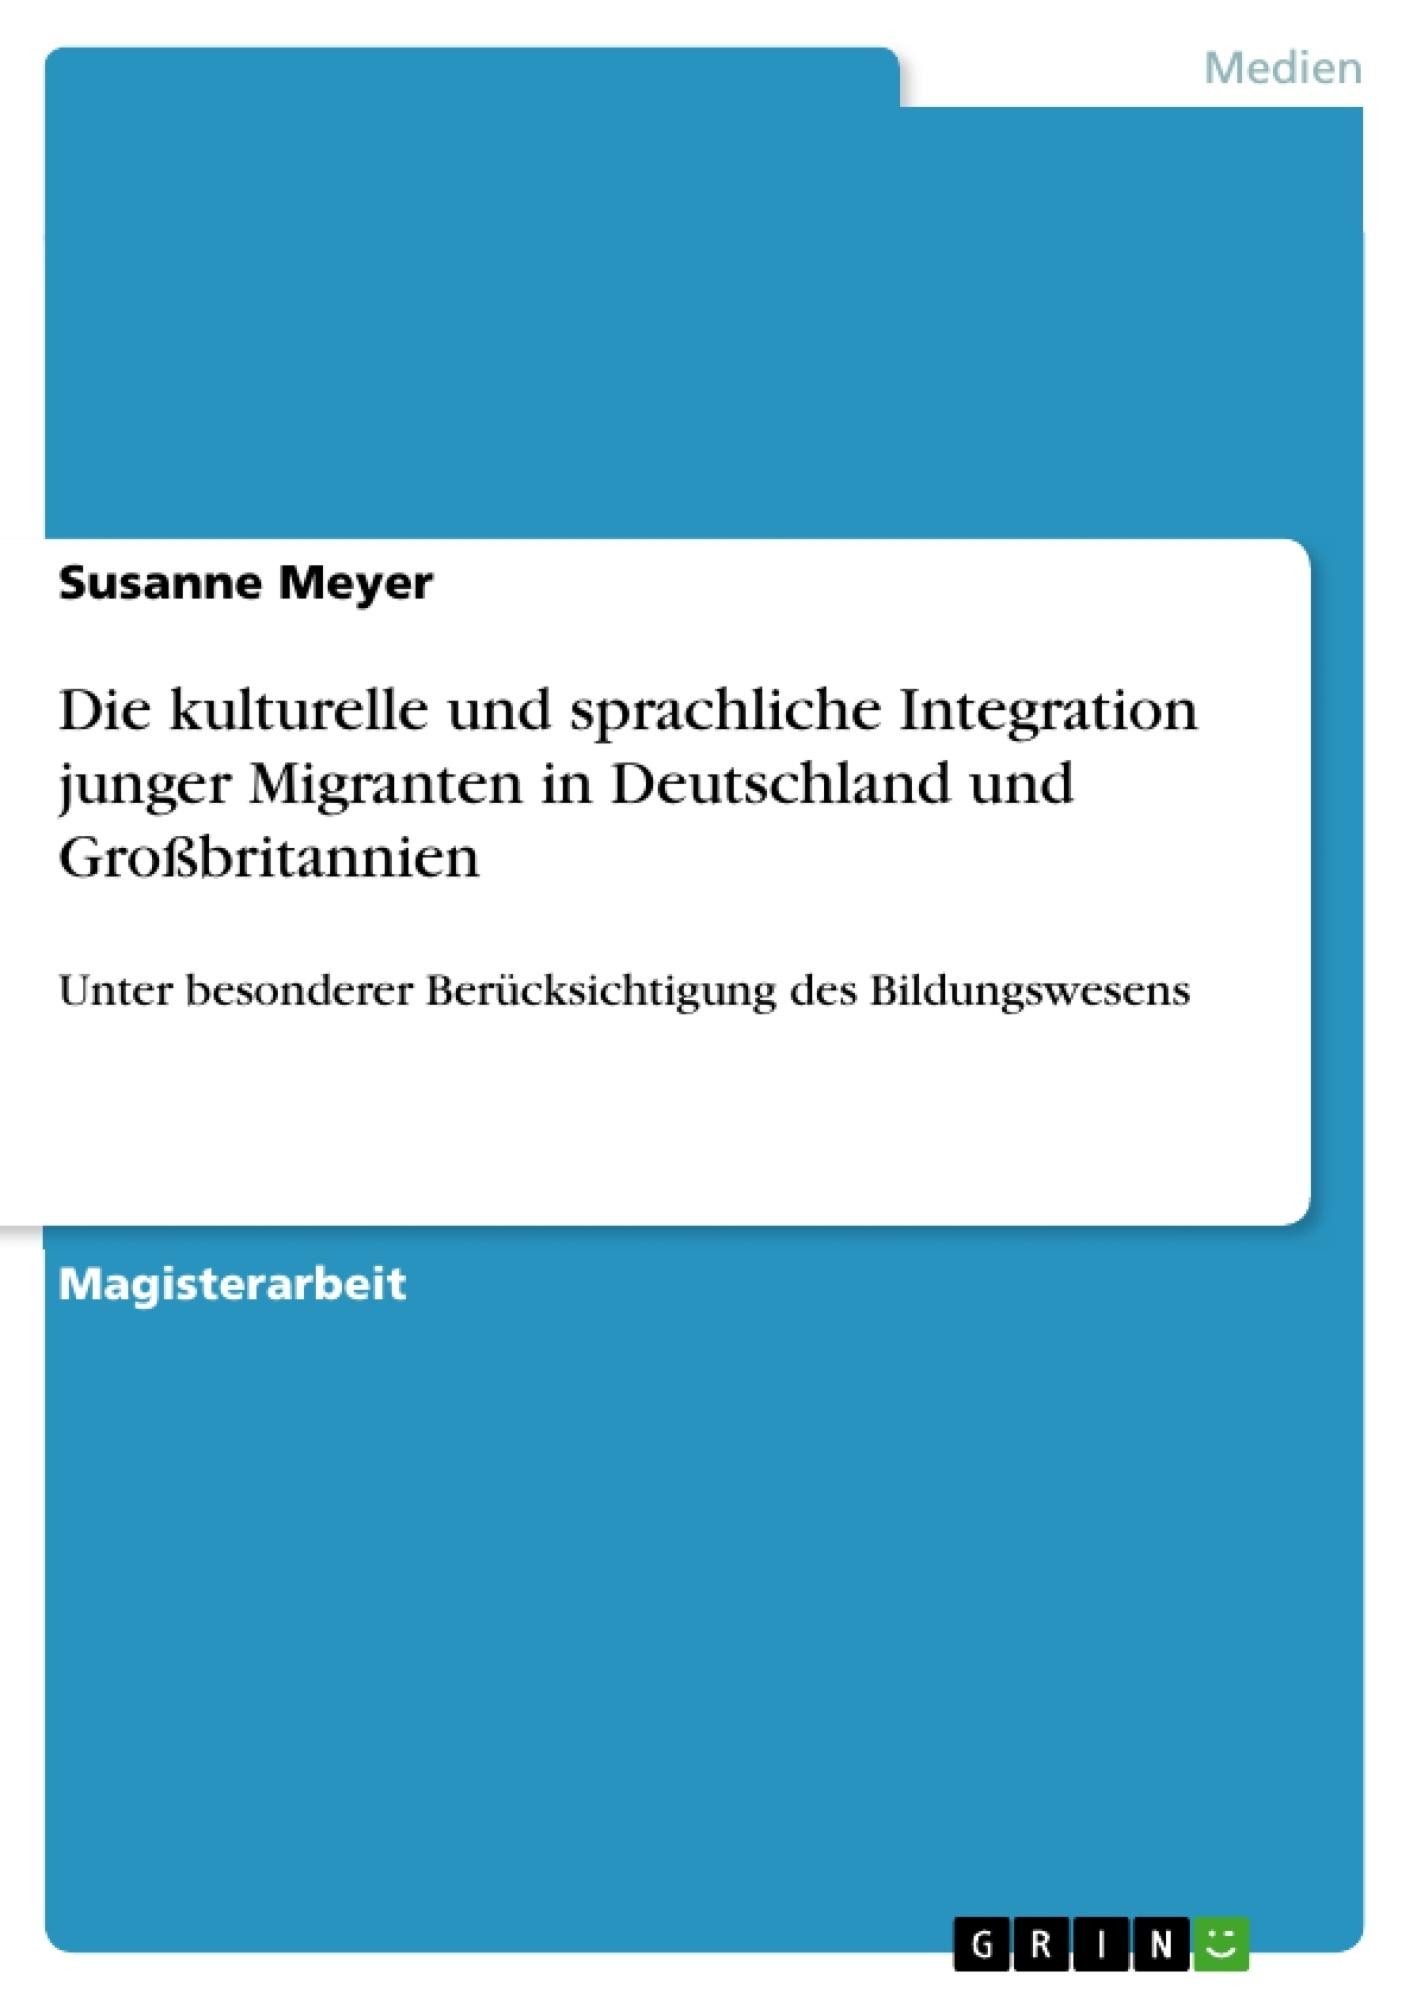 Titel: Die kulturelle und sprachliche Integration junger Migranten in Deutschland und Großbritannien